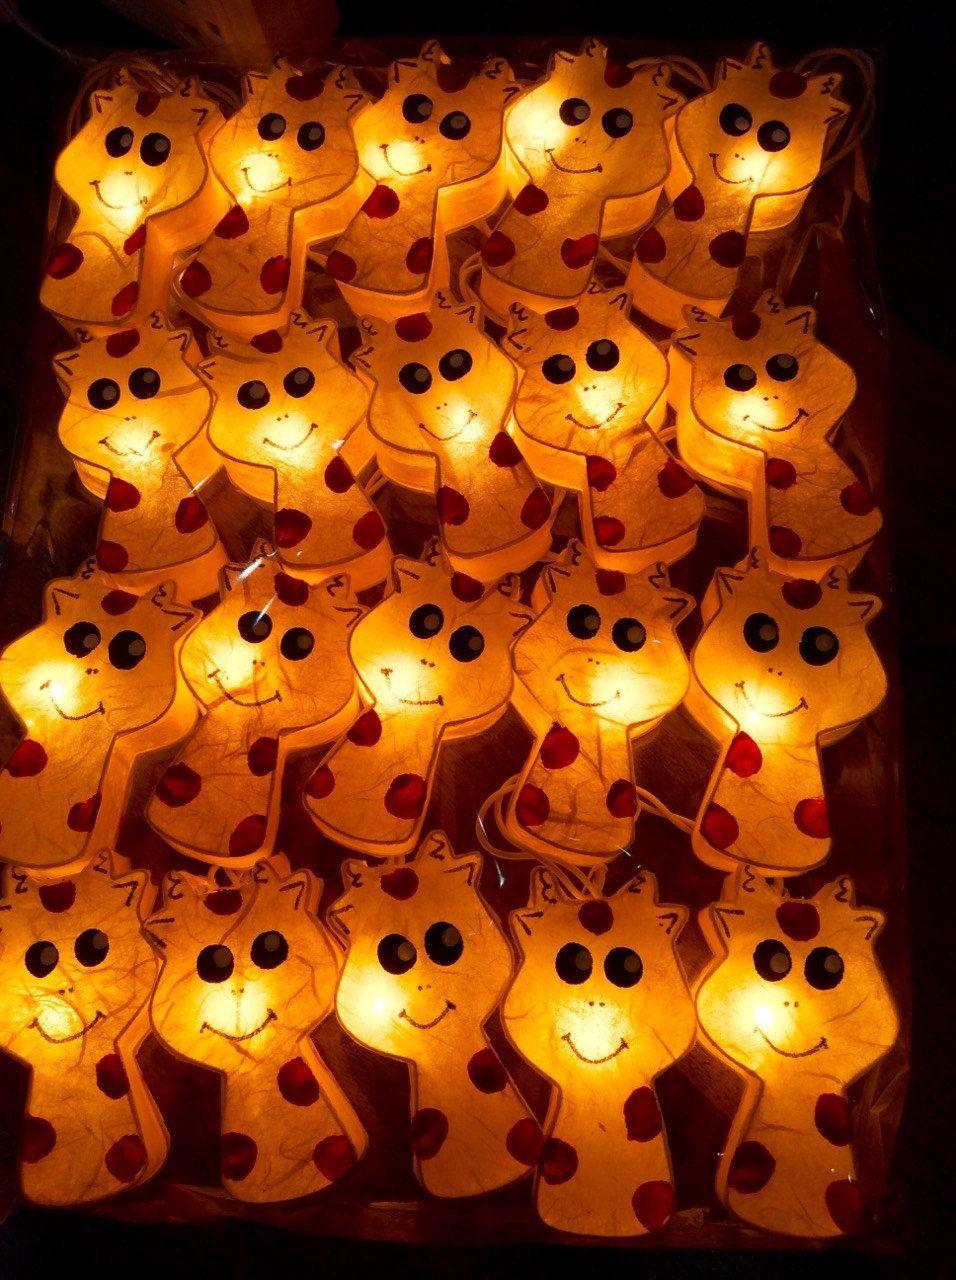 Фея огни строки 20 штук для Homedecor партии от Namtarngift